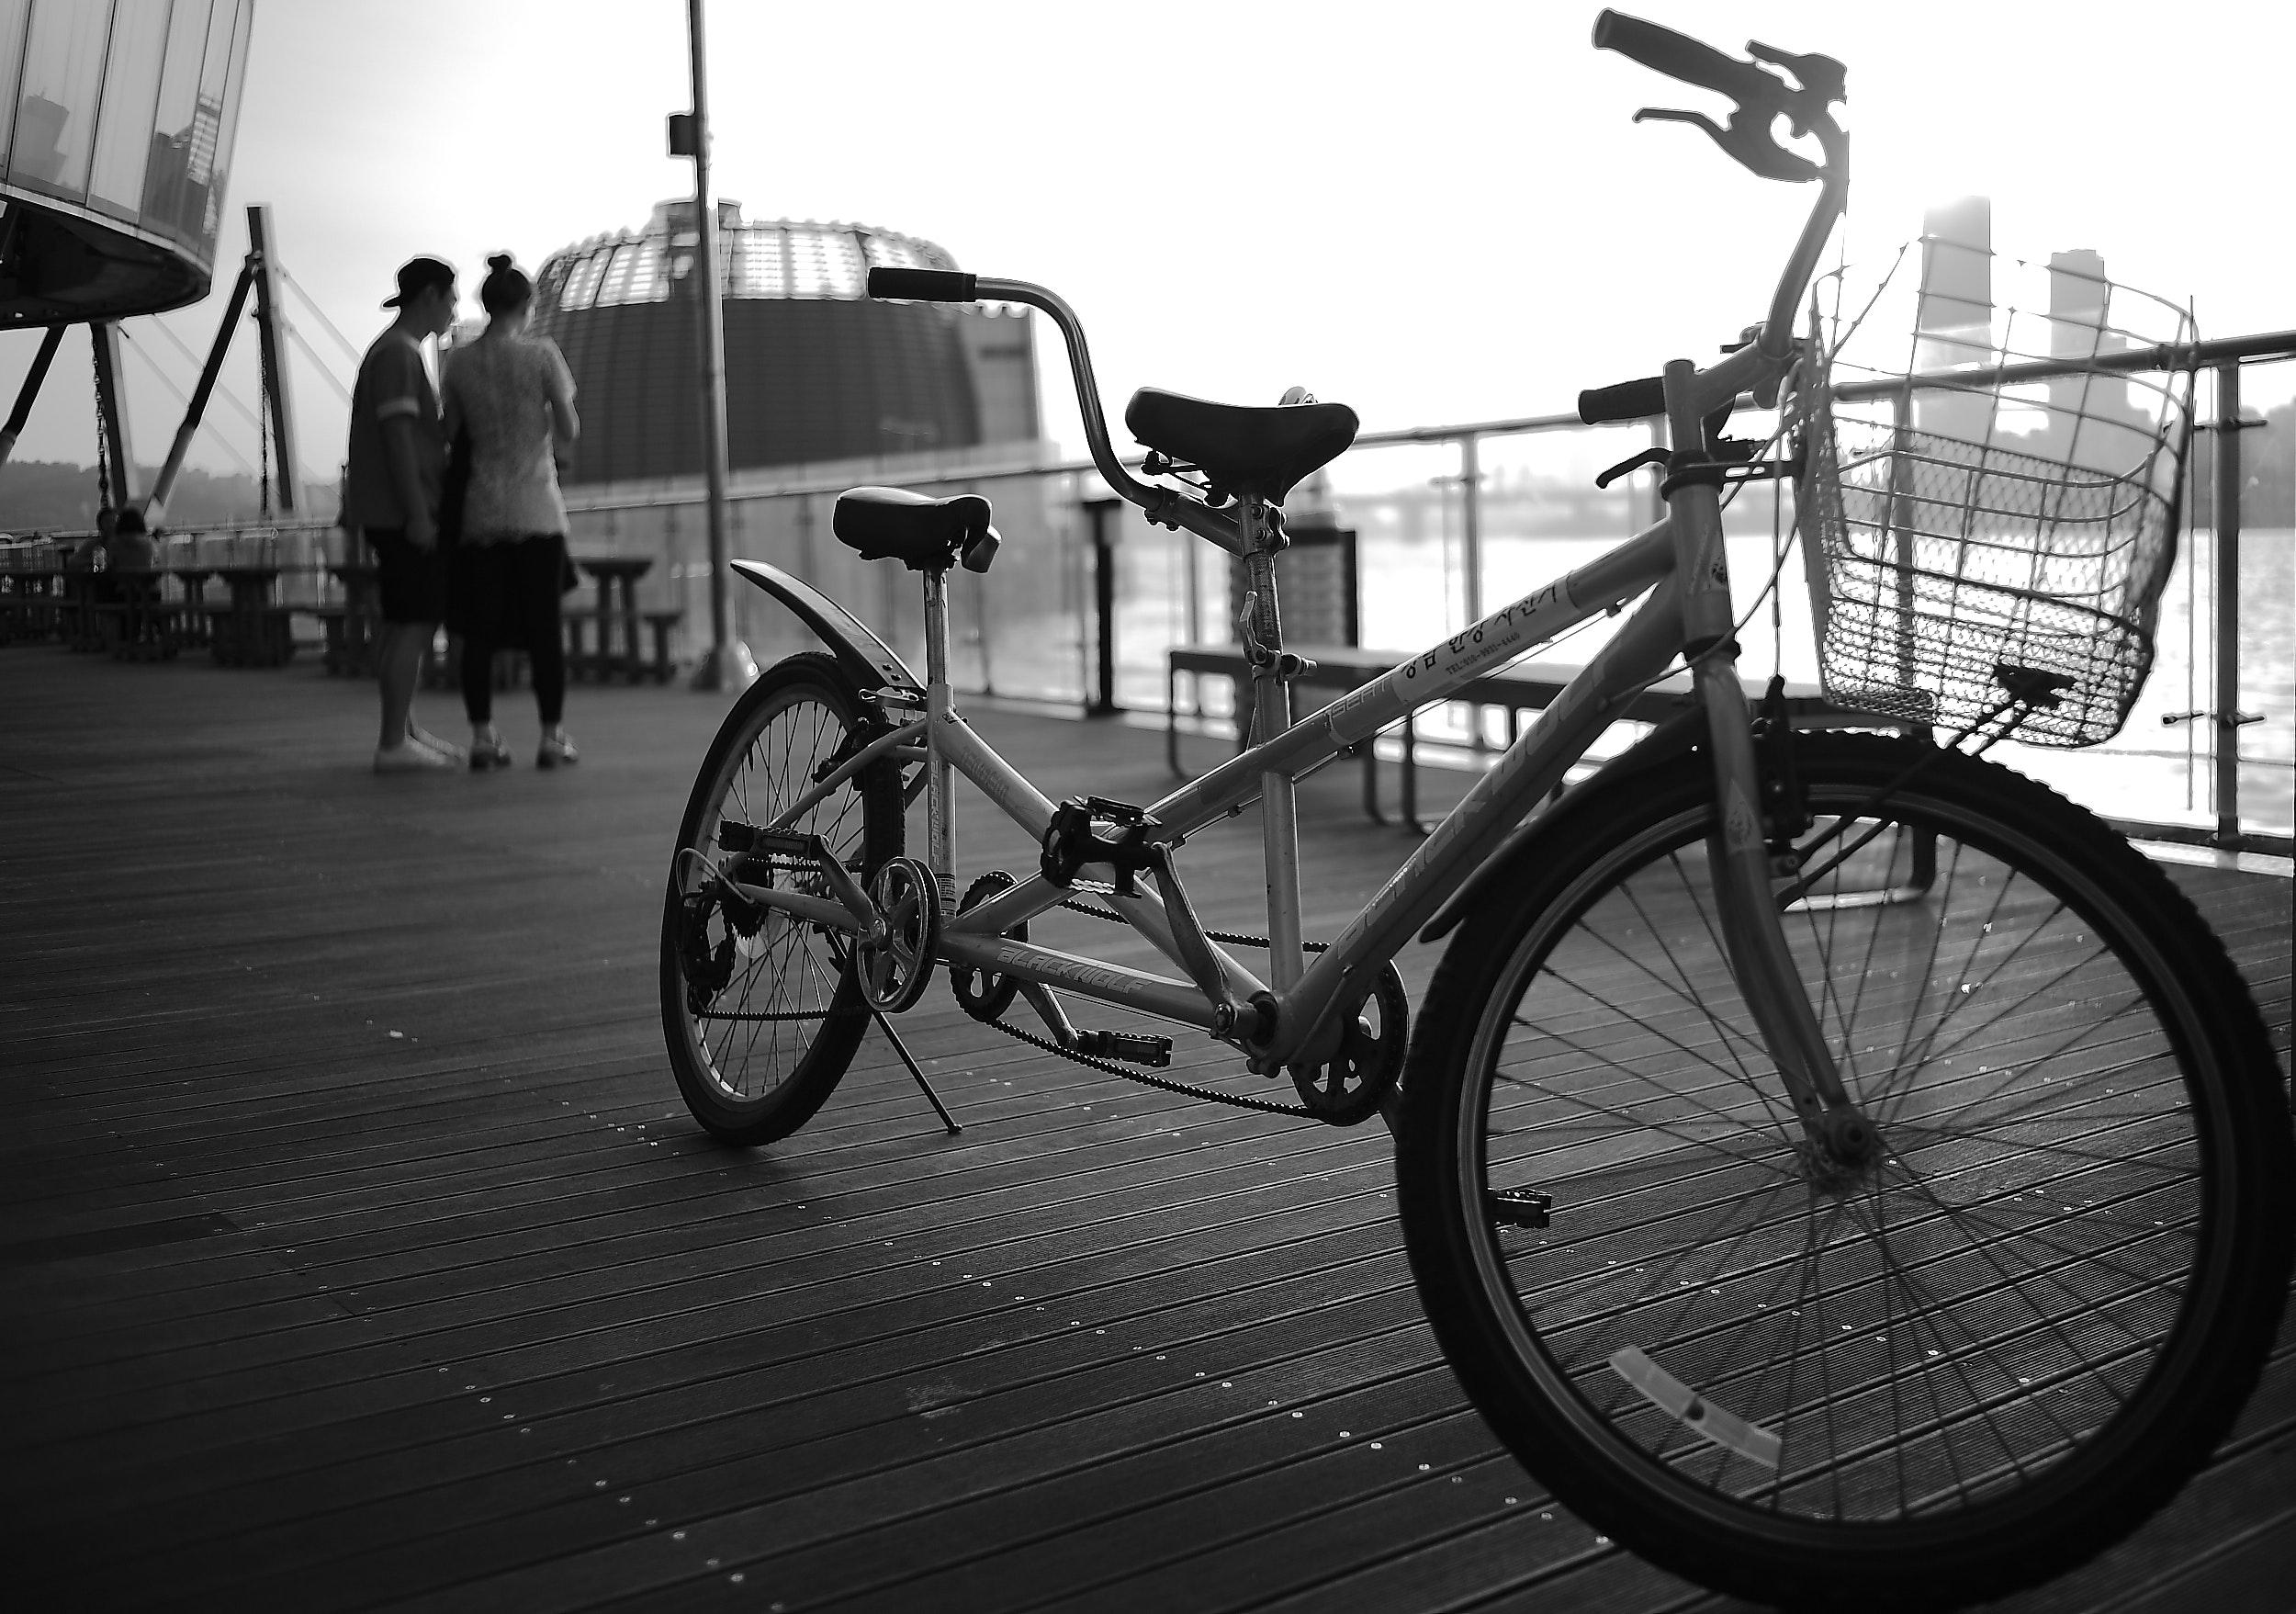 Black and White Mountain Bike · Free Stock Photo